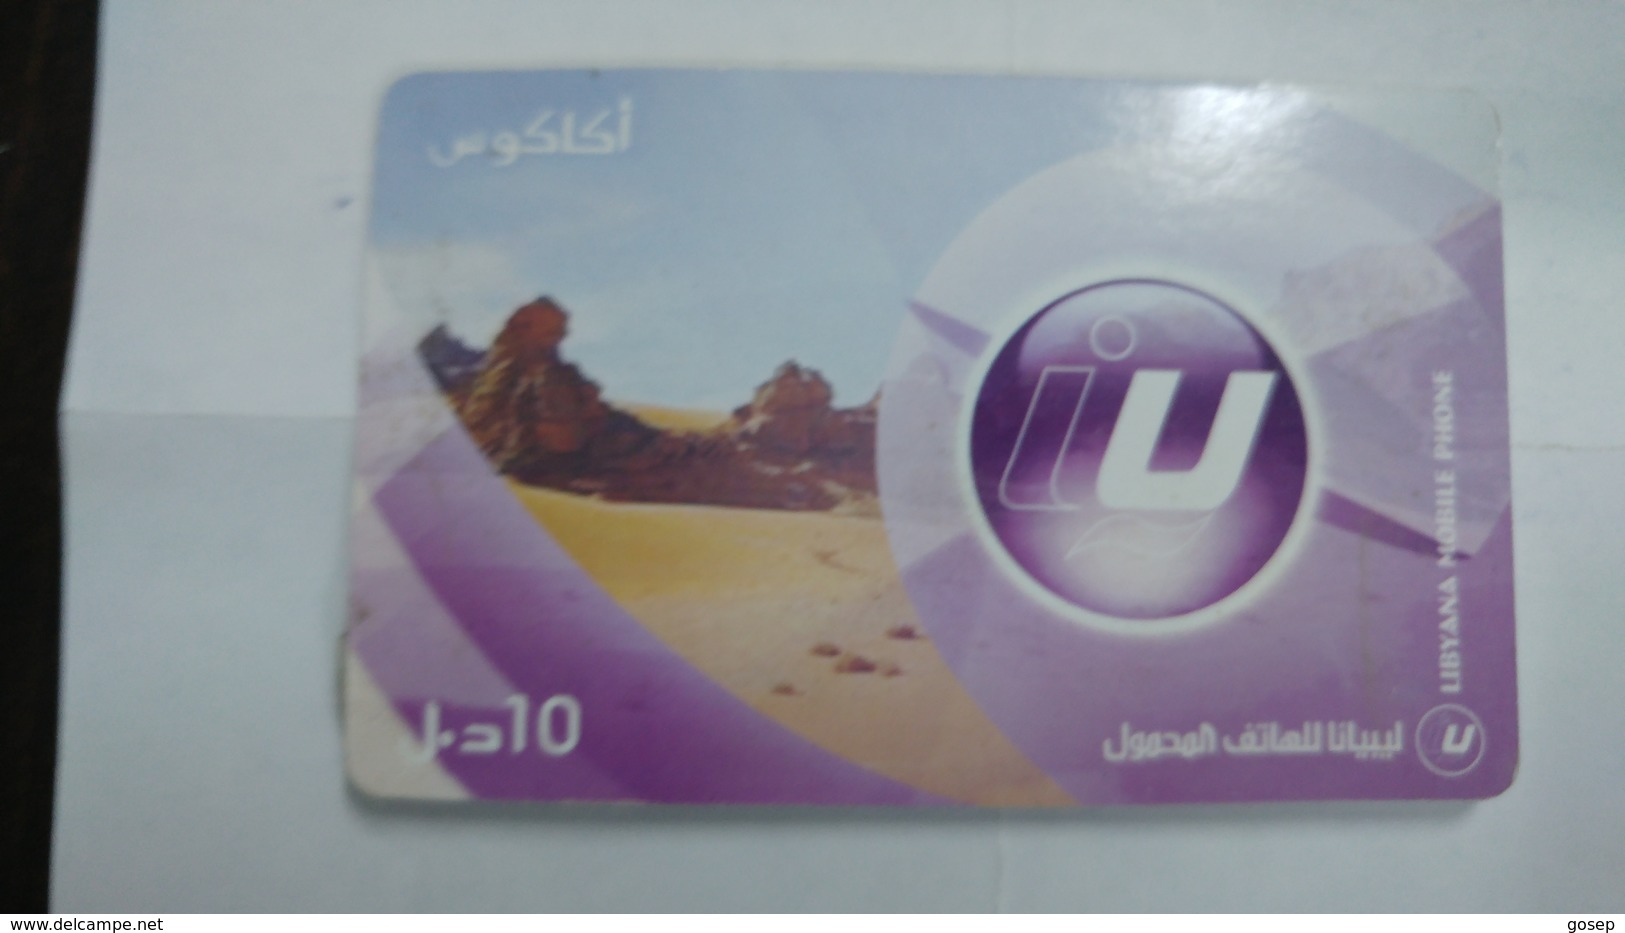 Libya-prepiad Card-(13)-(10units)-(4157956442003)-used Card+1card Prepiad Free - Libia